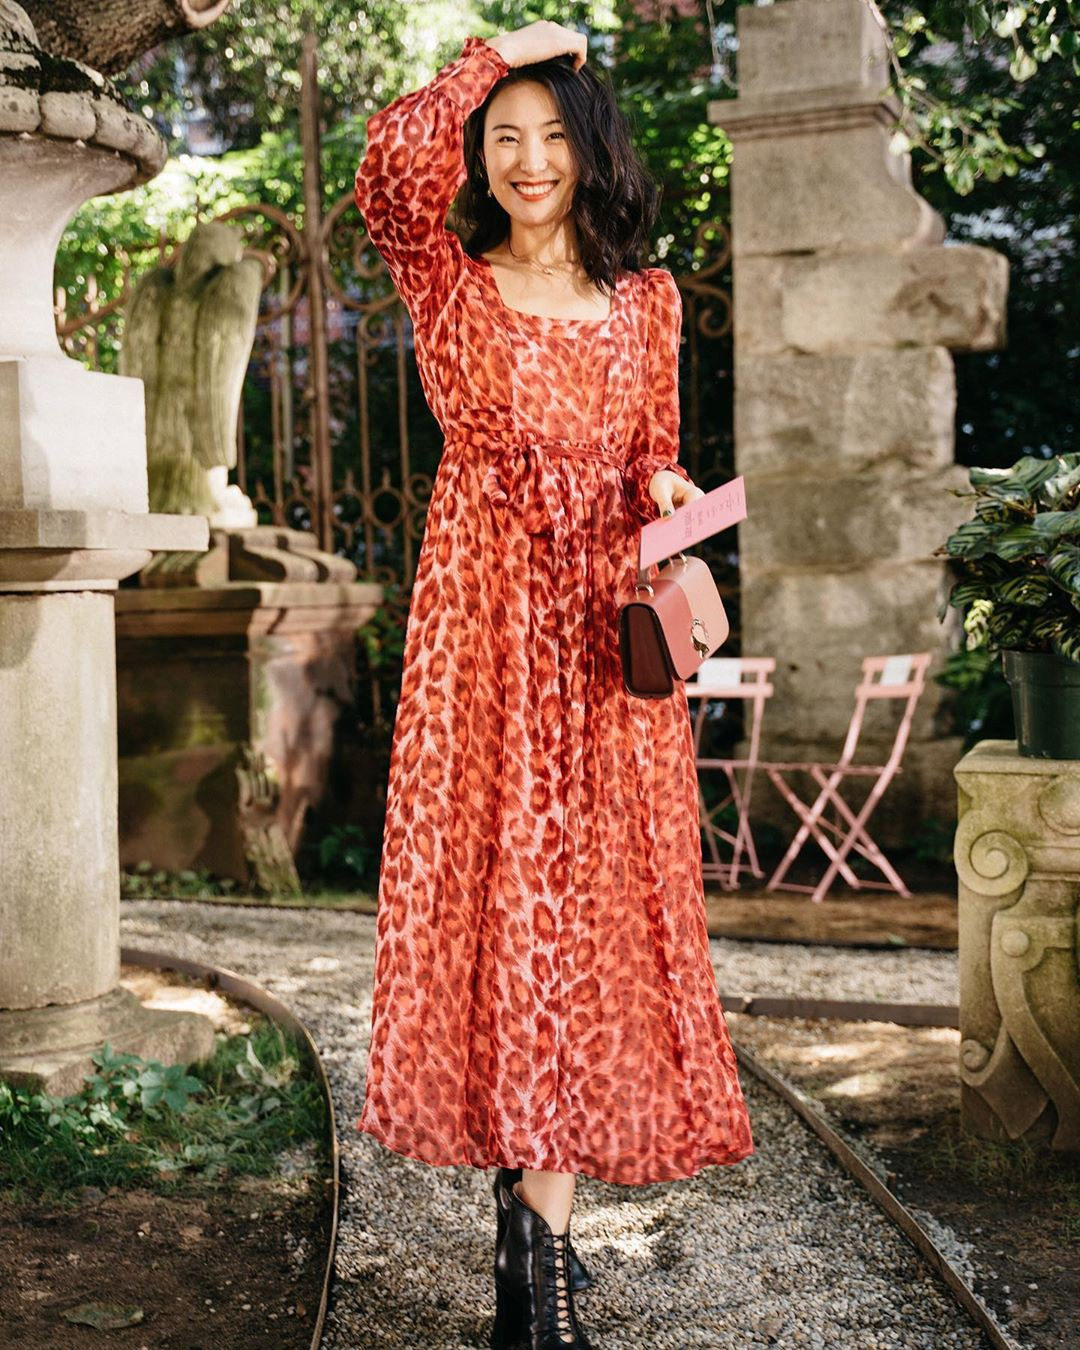 Không kiểu váy nào vượt qua được váy dáng dài về độ sang chảnh, yêu kiều và hợp rơ với tiết trời se lạnh-12